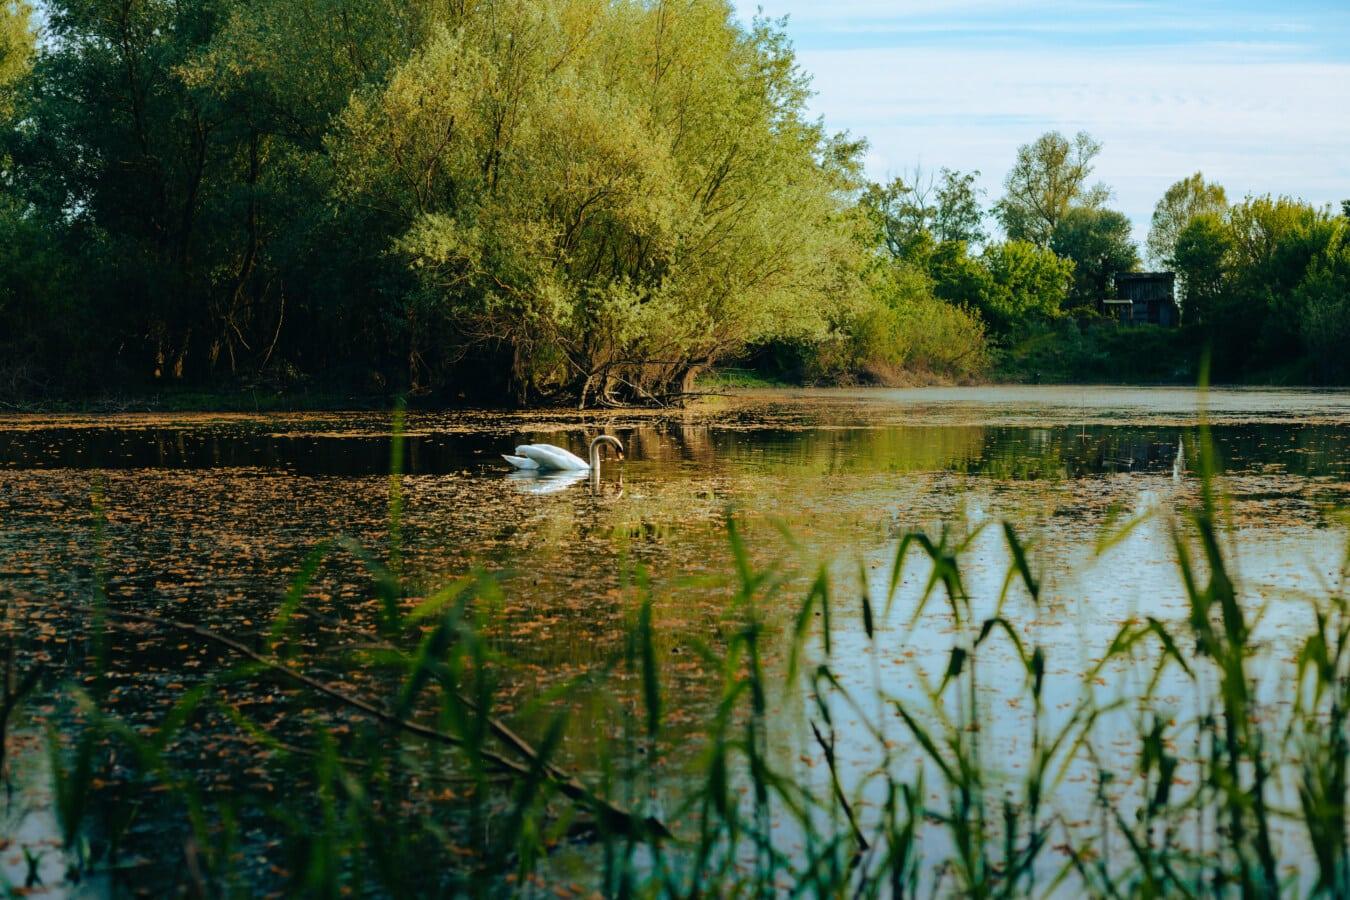 ecosysteem, aquatische, waterplant, zwaan, vogel, genade, meer, landschap, boom, moeras